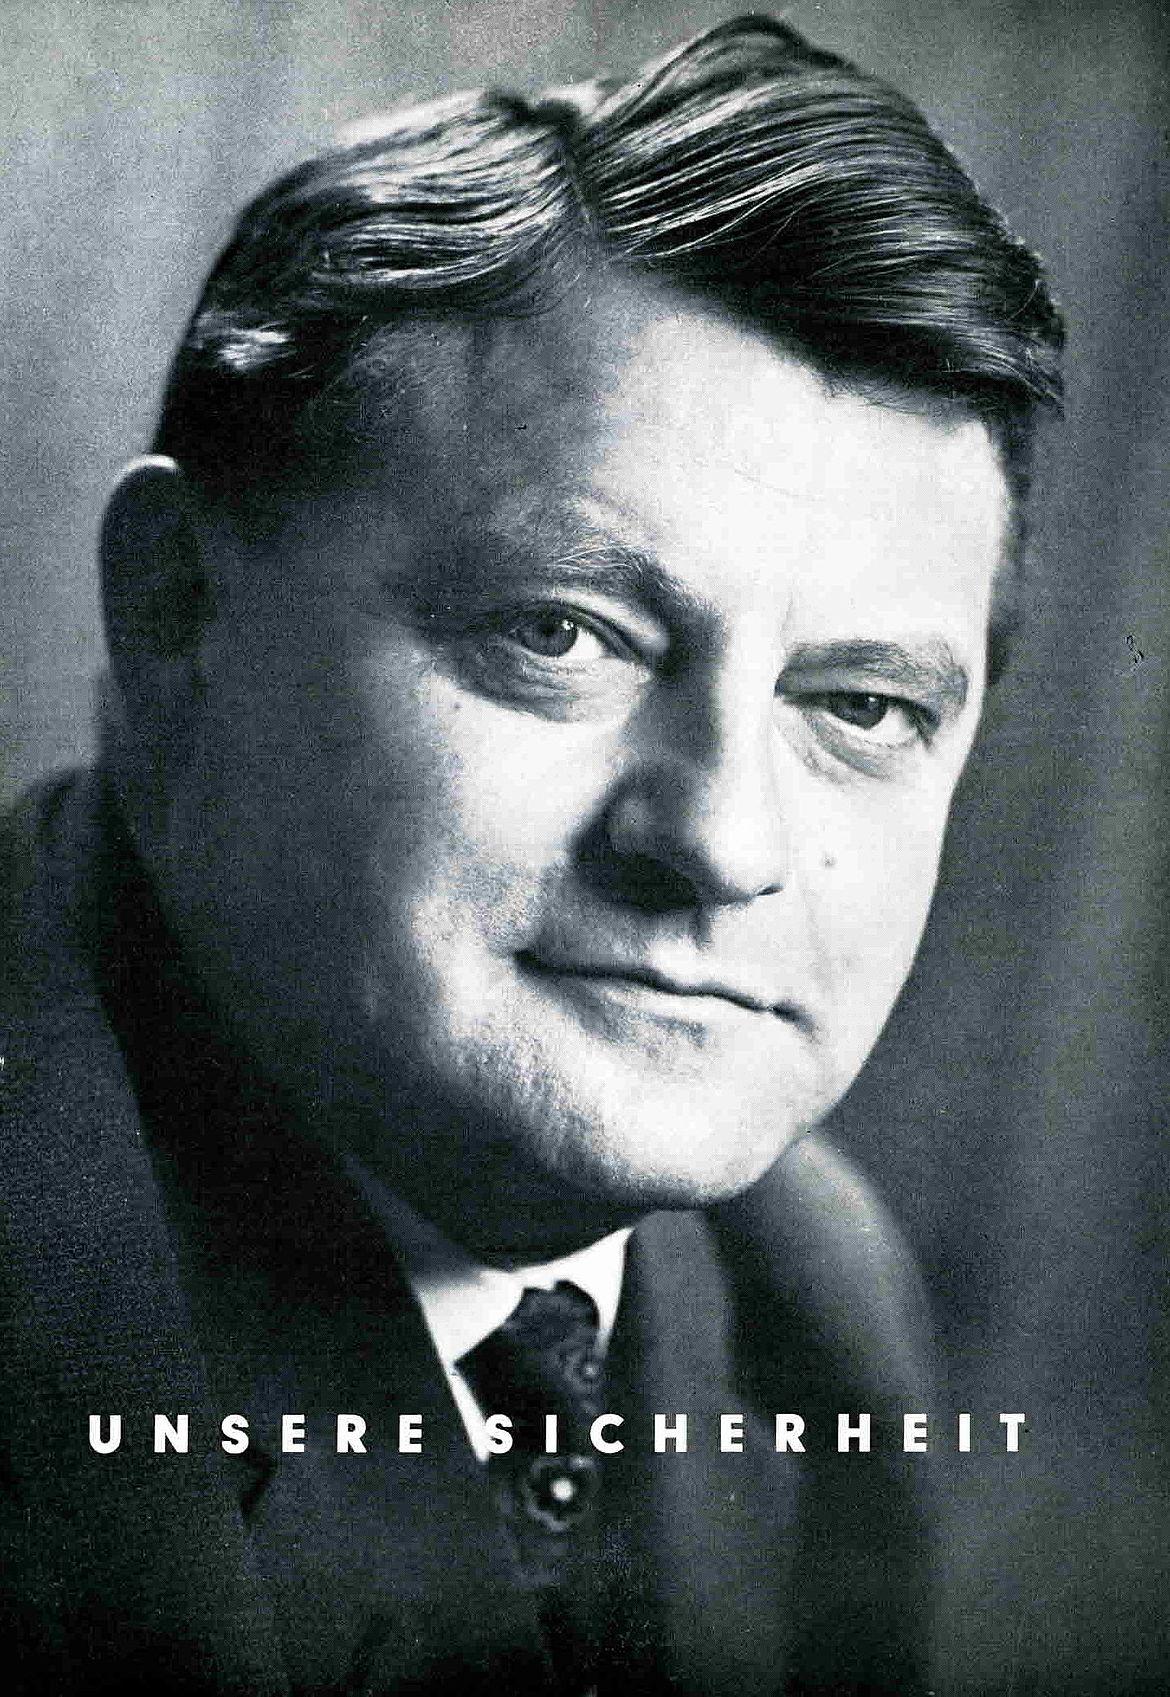 Titelblatt des Kandidatenbriefs anlässlich der Bundestagswahl 1965